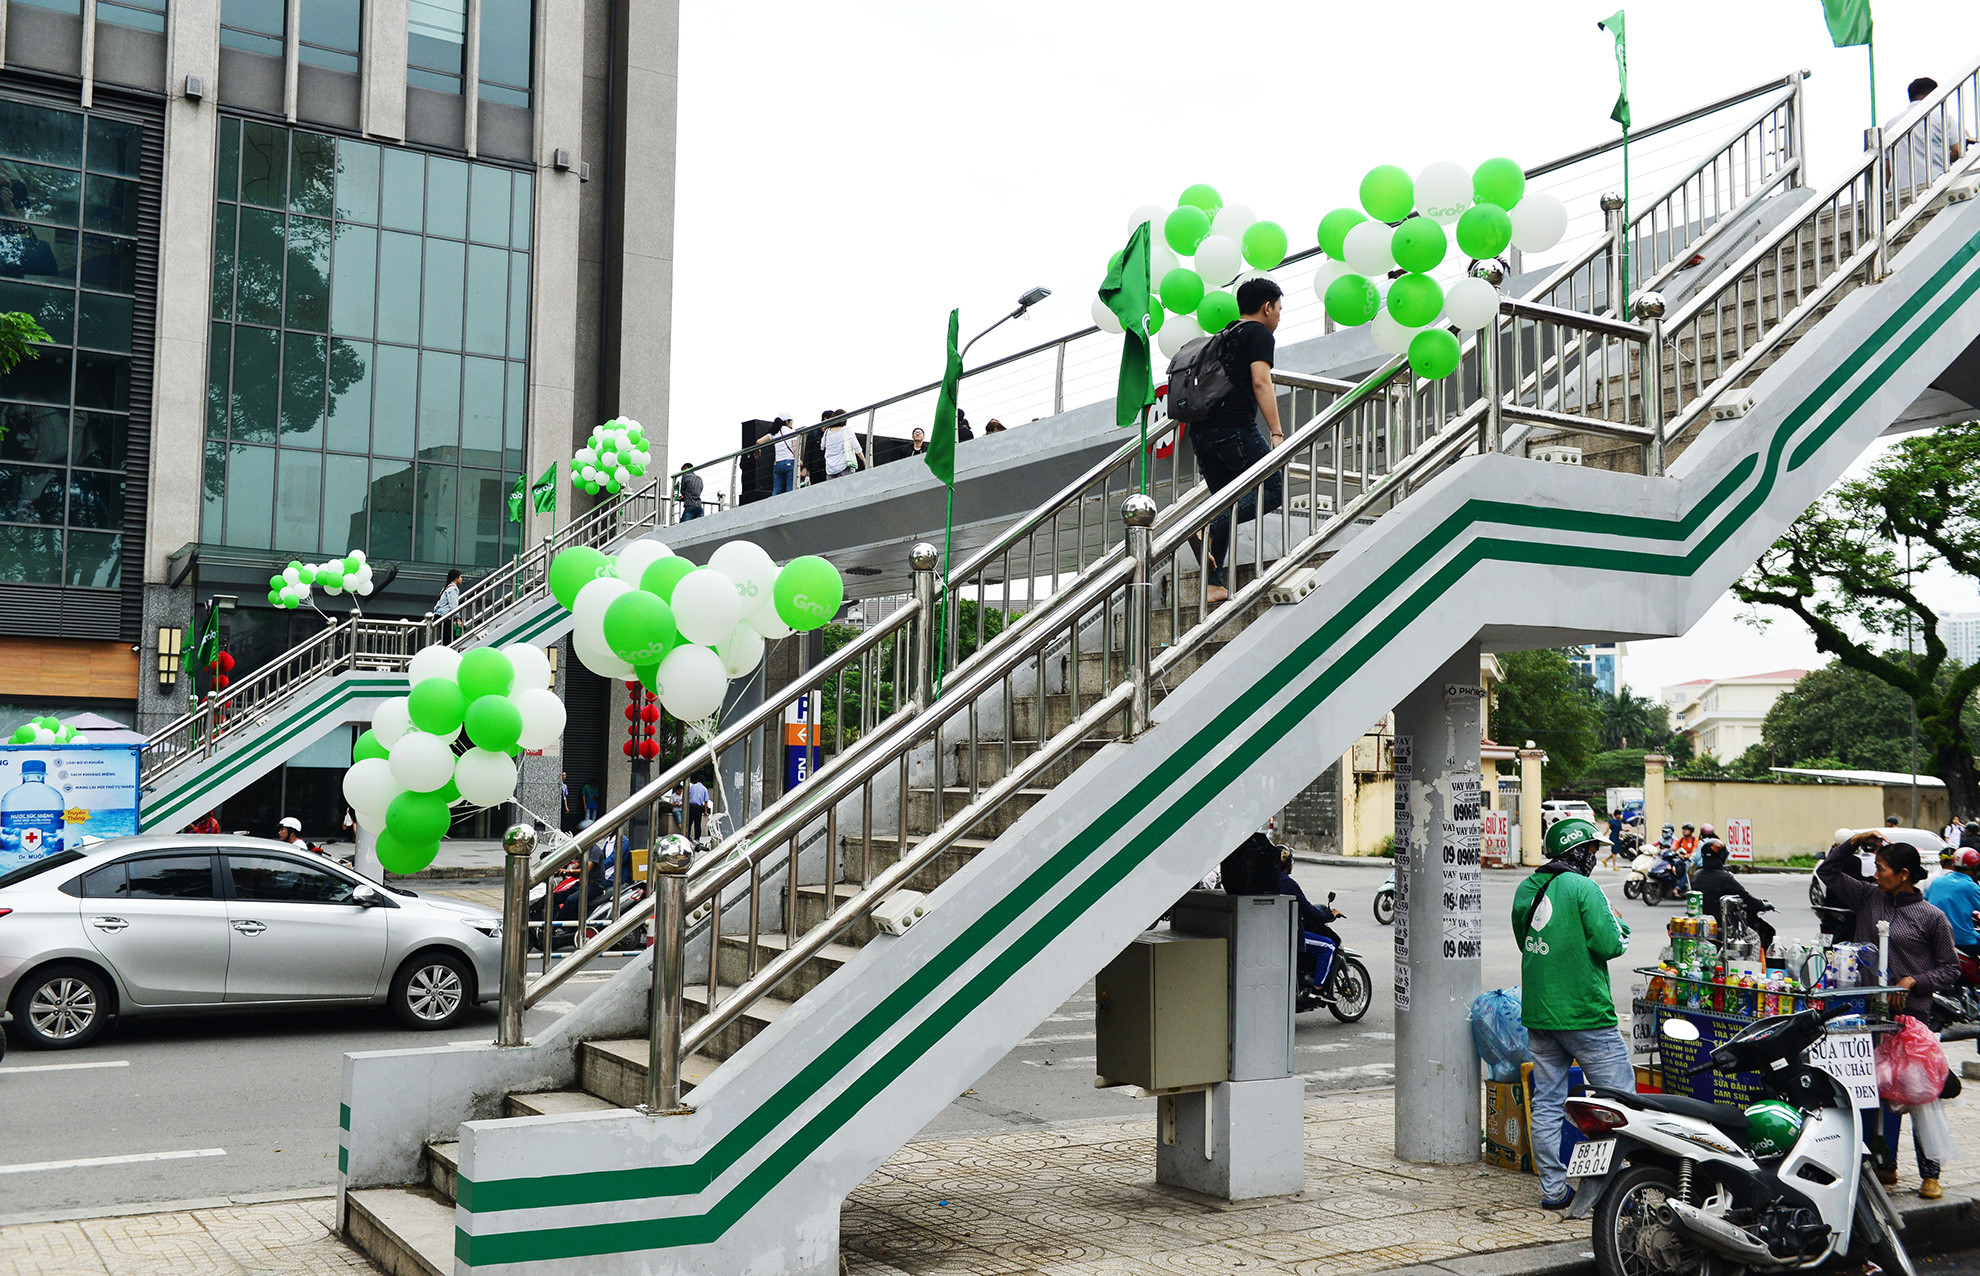 Cầu bộ hành Sài Gòn được phủ xanh, thu hút nhiều bạn trẻ Ảnh 1